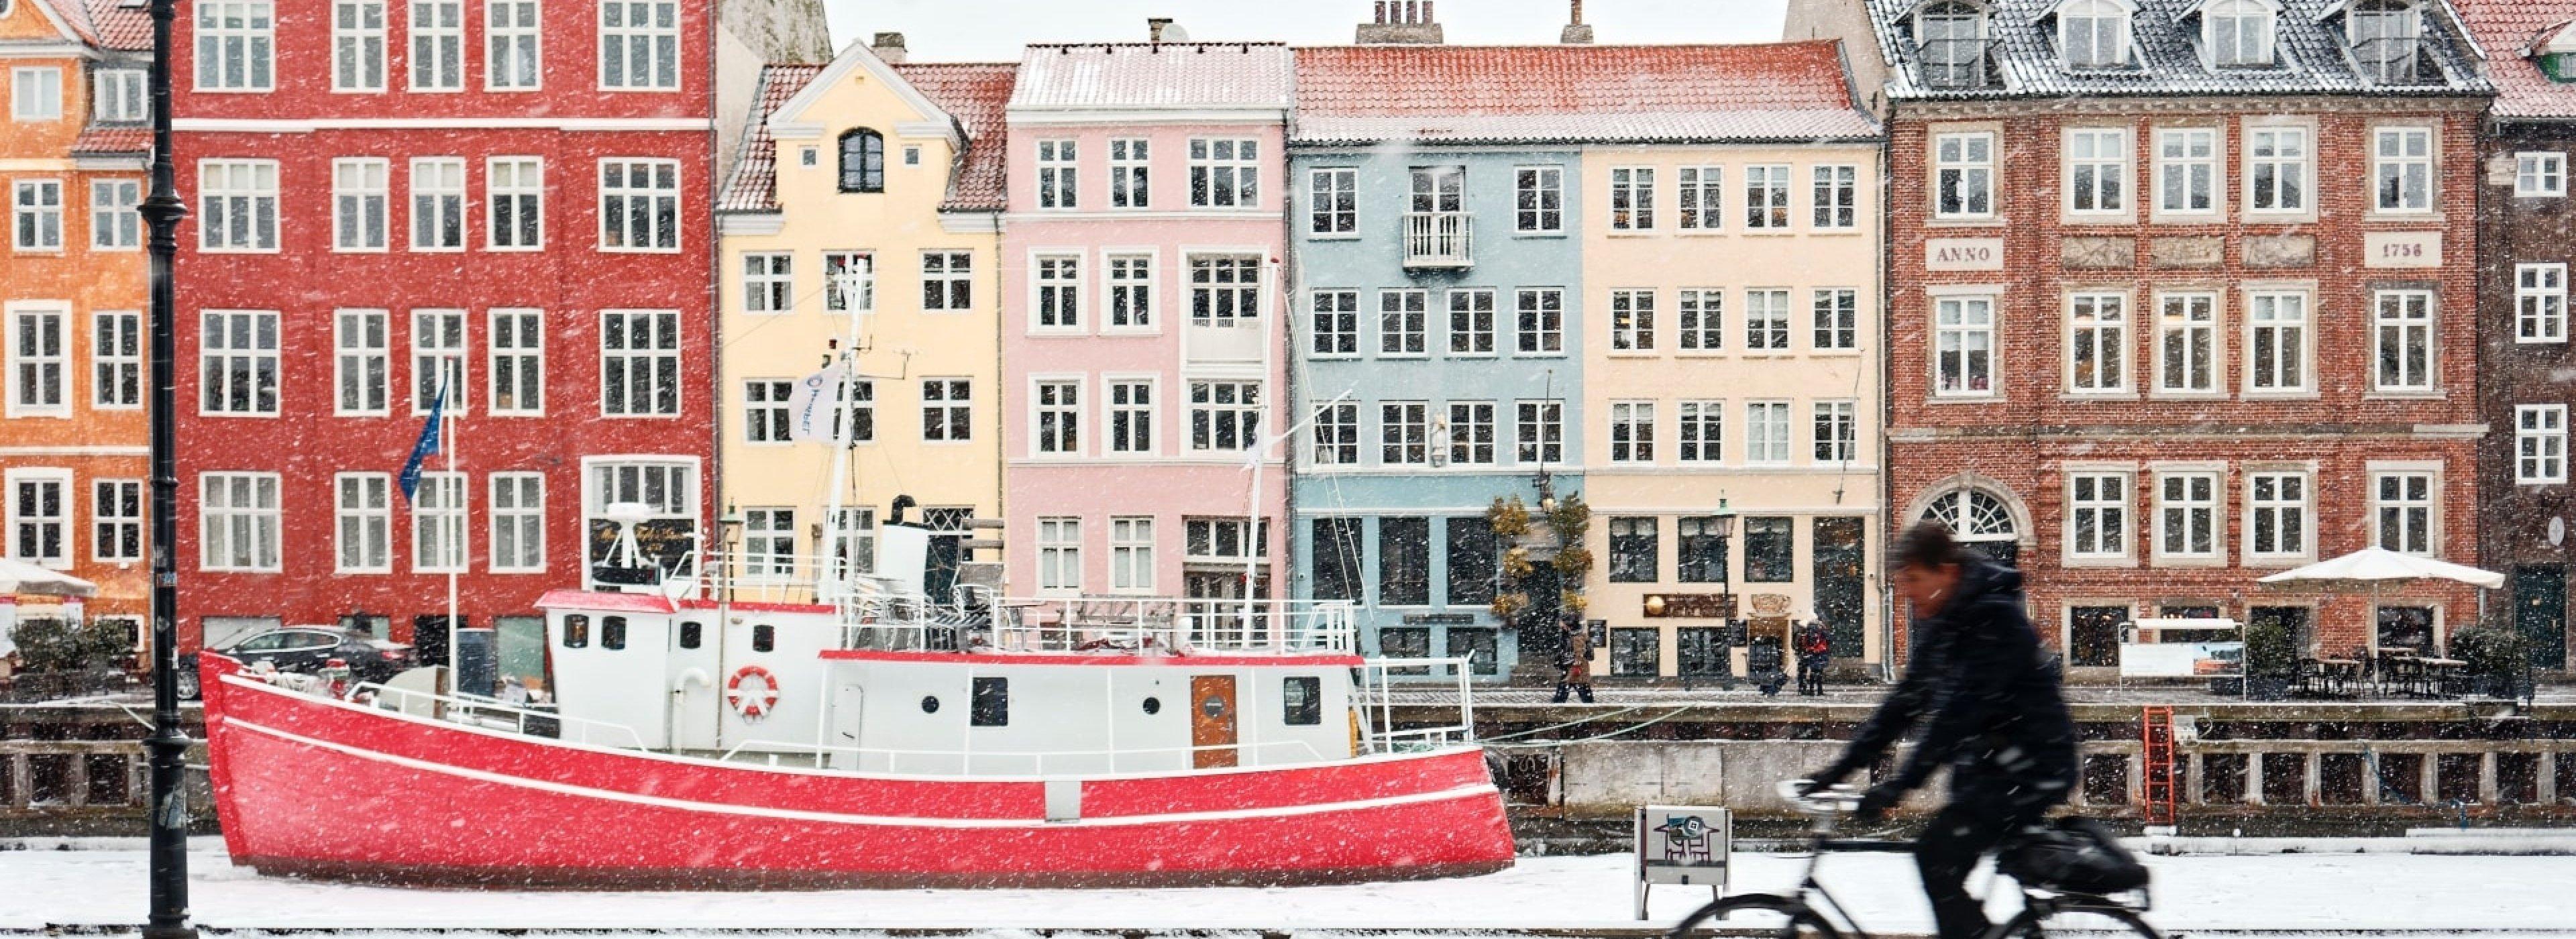 Winter Scandinavian Capitals & Fjords